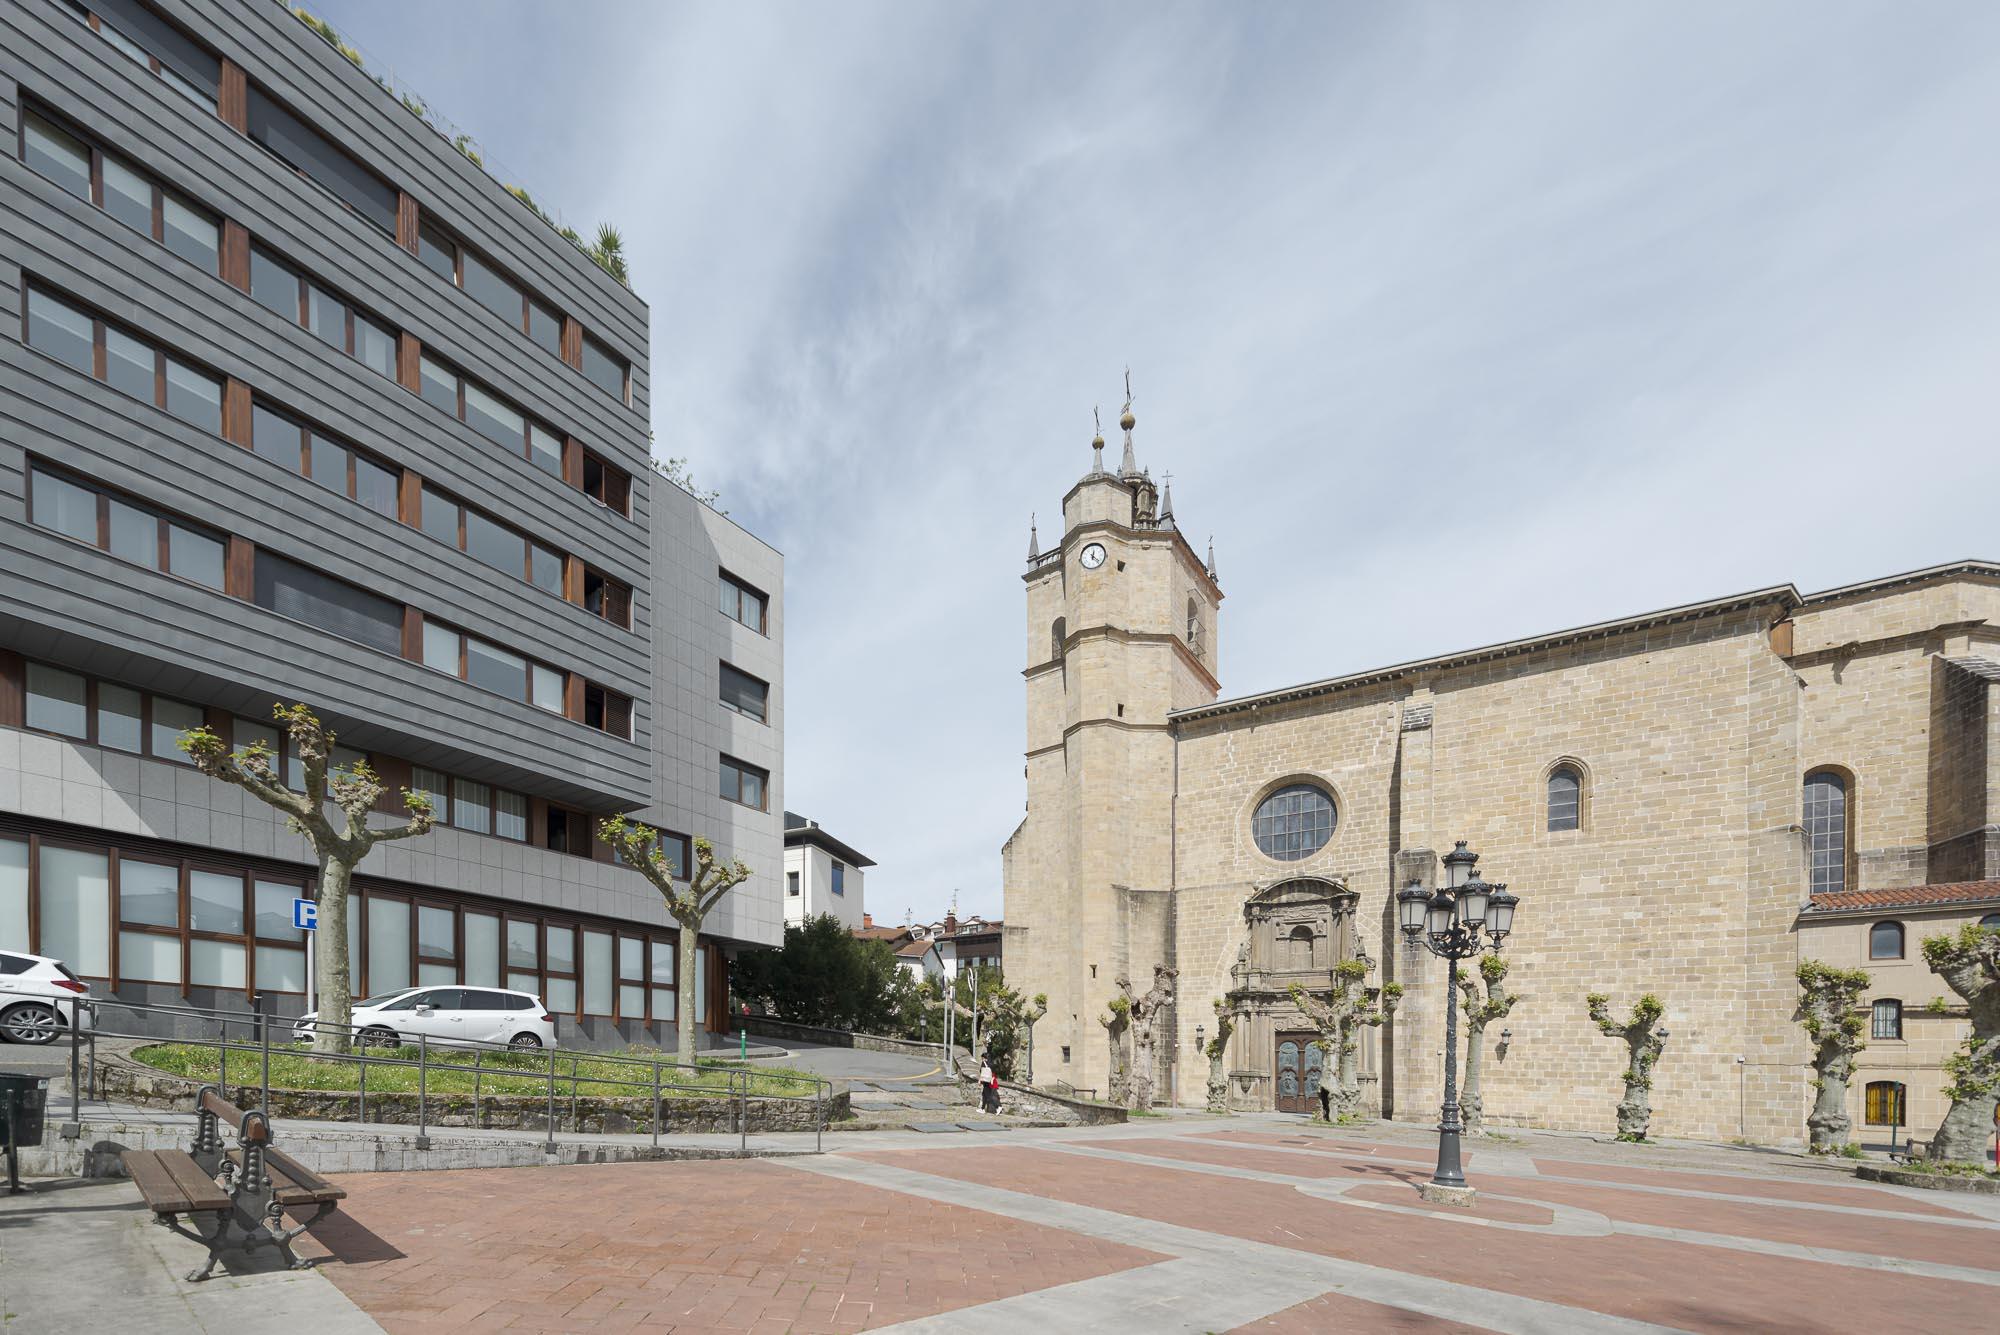 En edificio moderno, junto al Juncal, vivienda exterior de 2 habitaciones,gran salon,cocina equipada y dos baños.Trastero de 13m2.Ven a visitarlo!